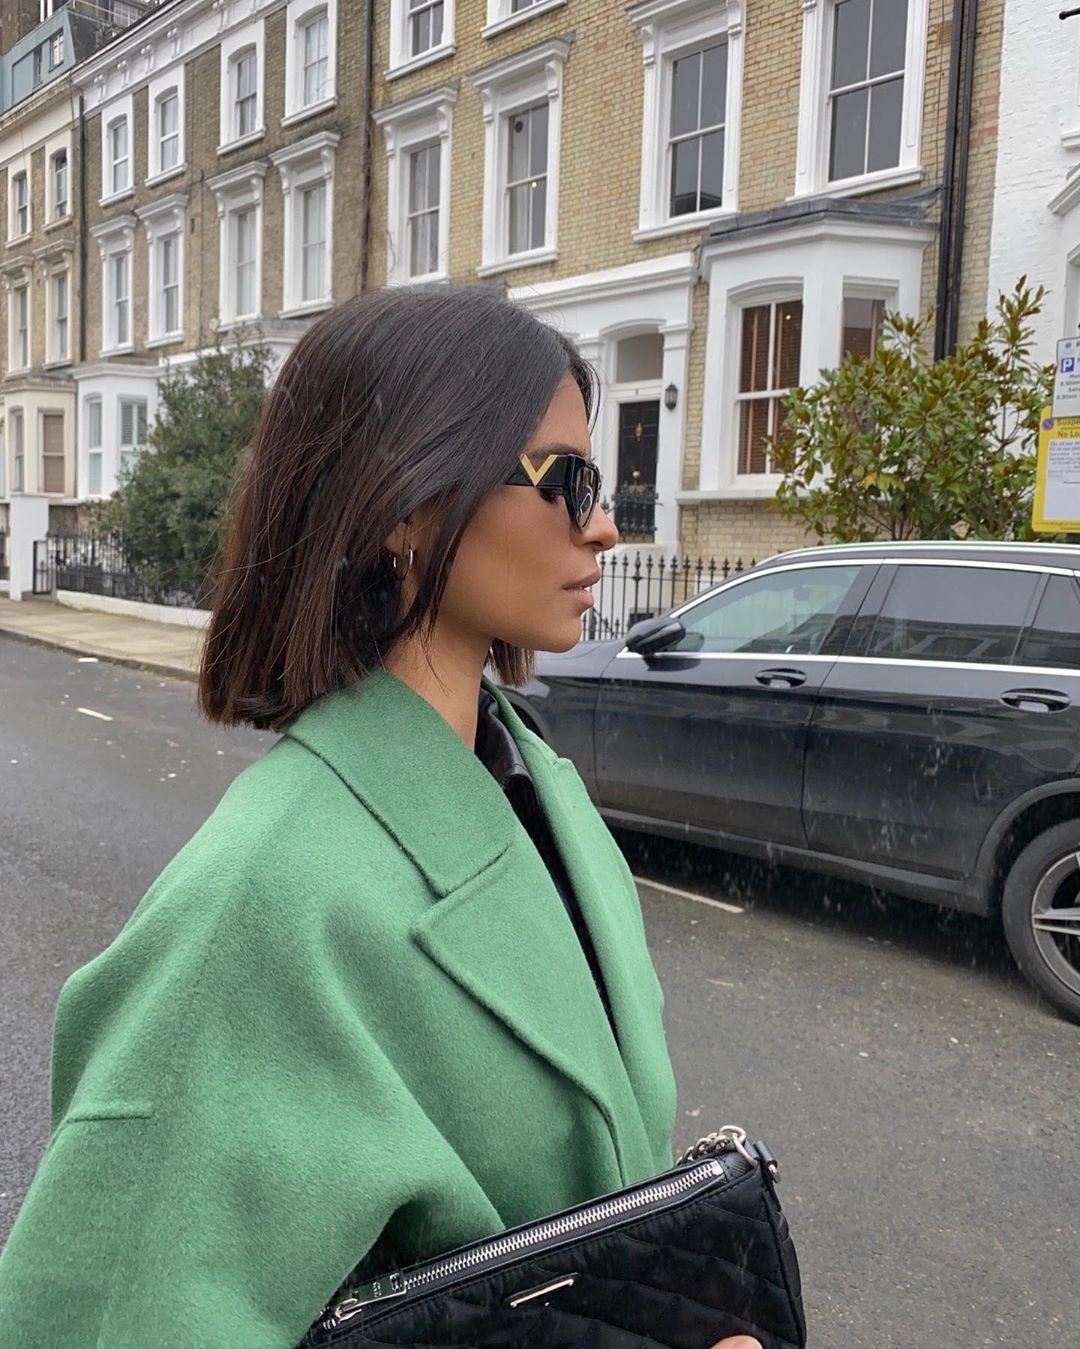 manteau avec manches amples de Zara sur emitaz